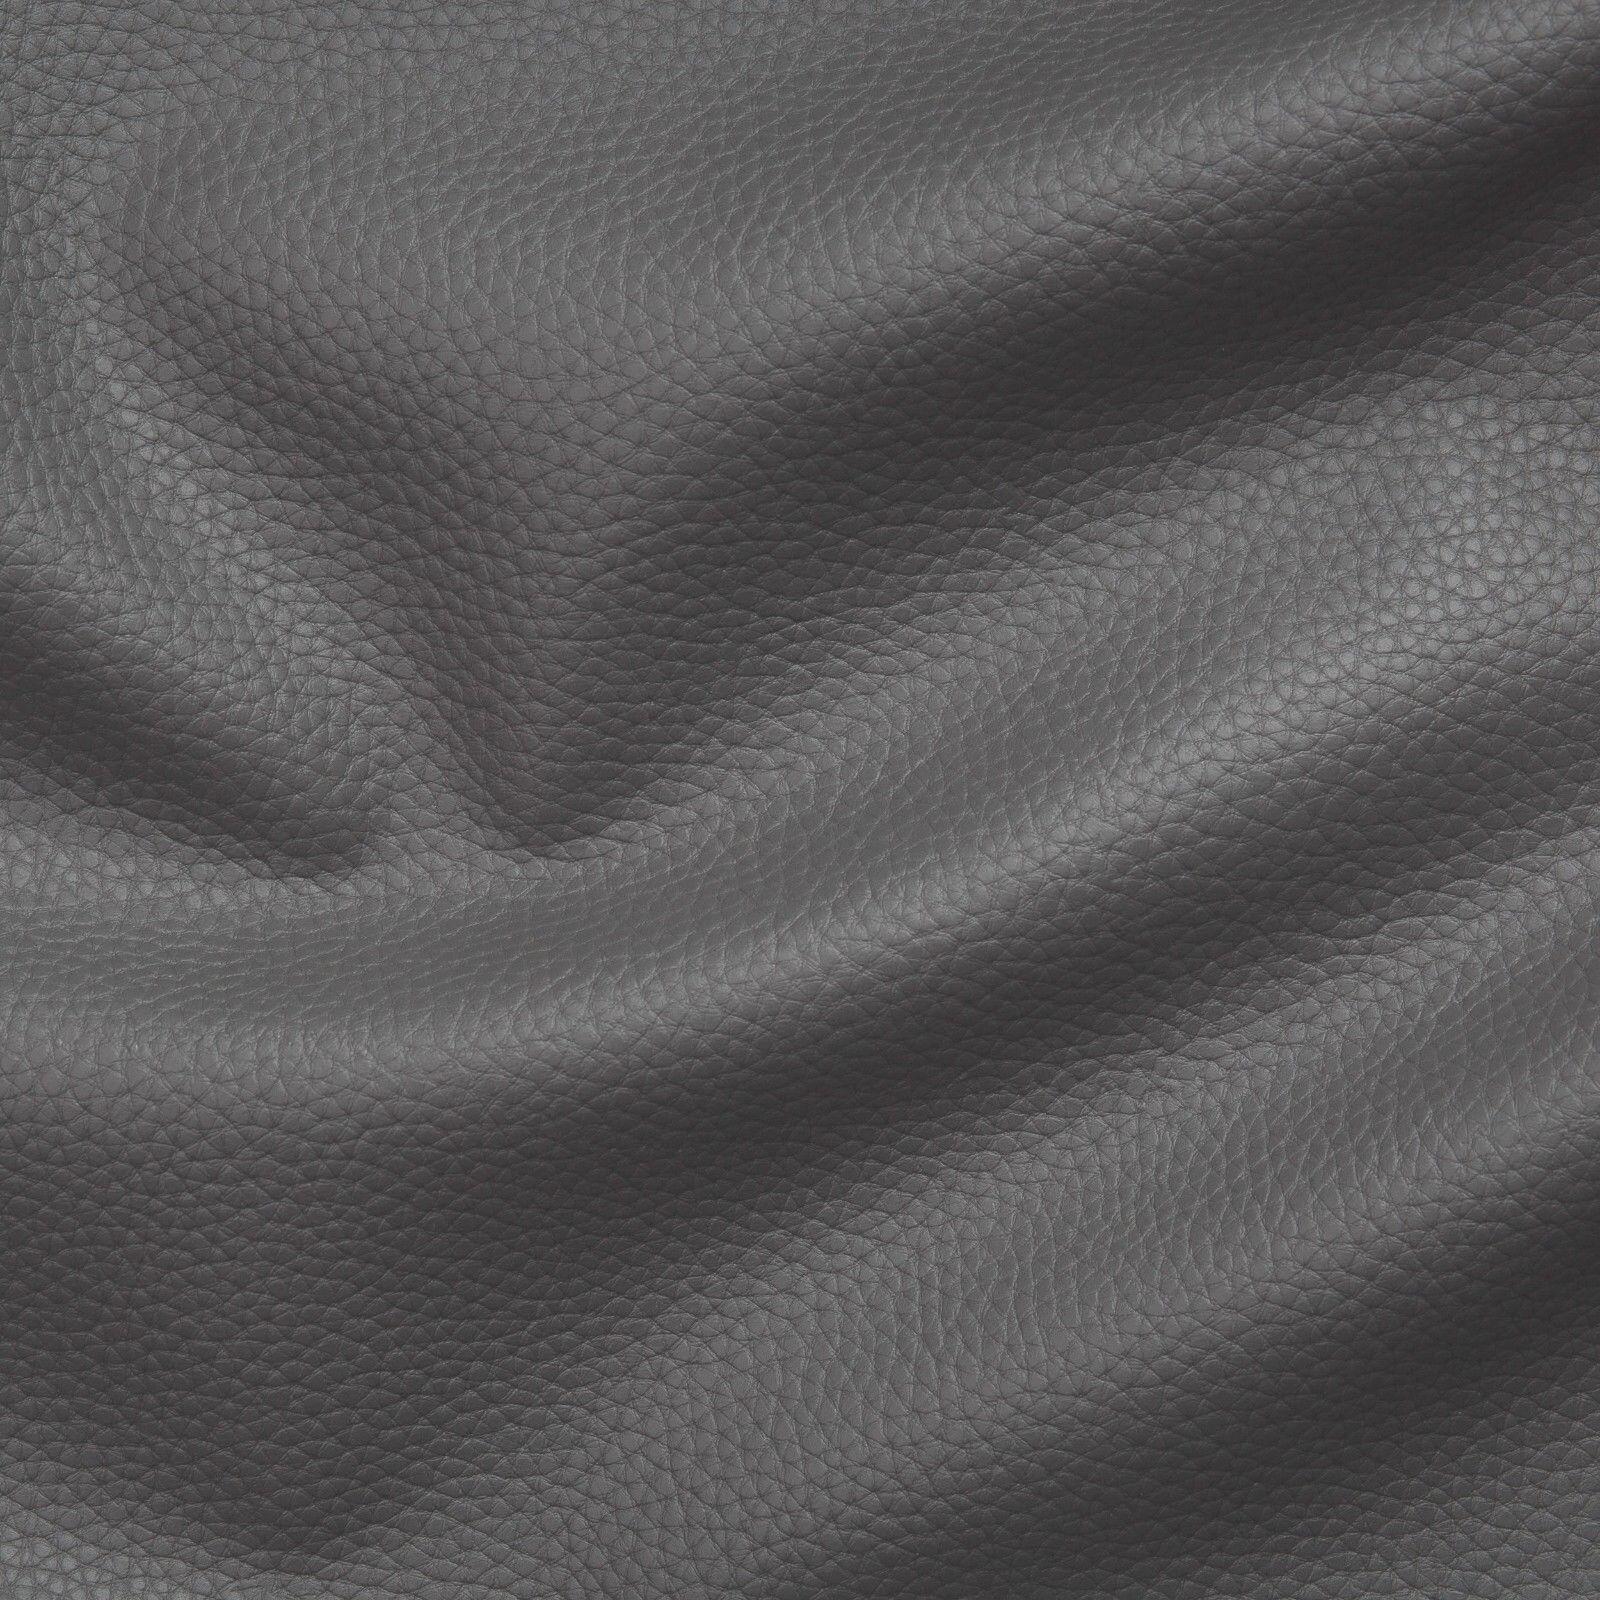 Kunstleder Lederimitat Polsterstoff Meterware Bezugsstoff geprüft dunkelgrau